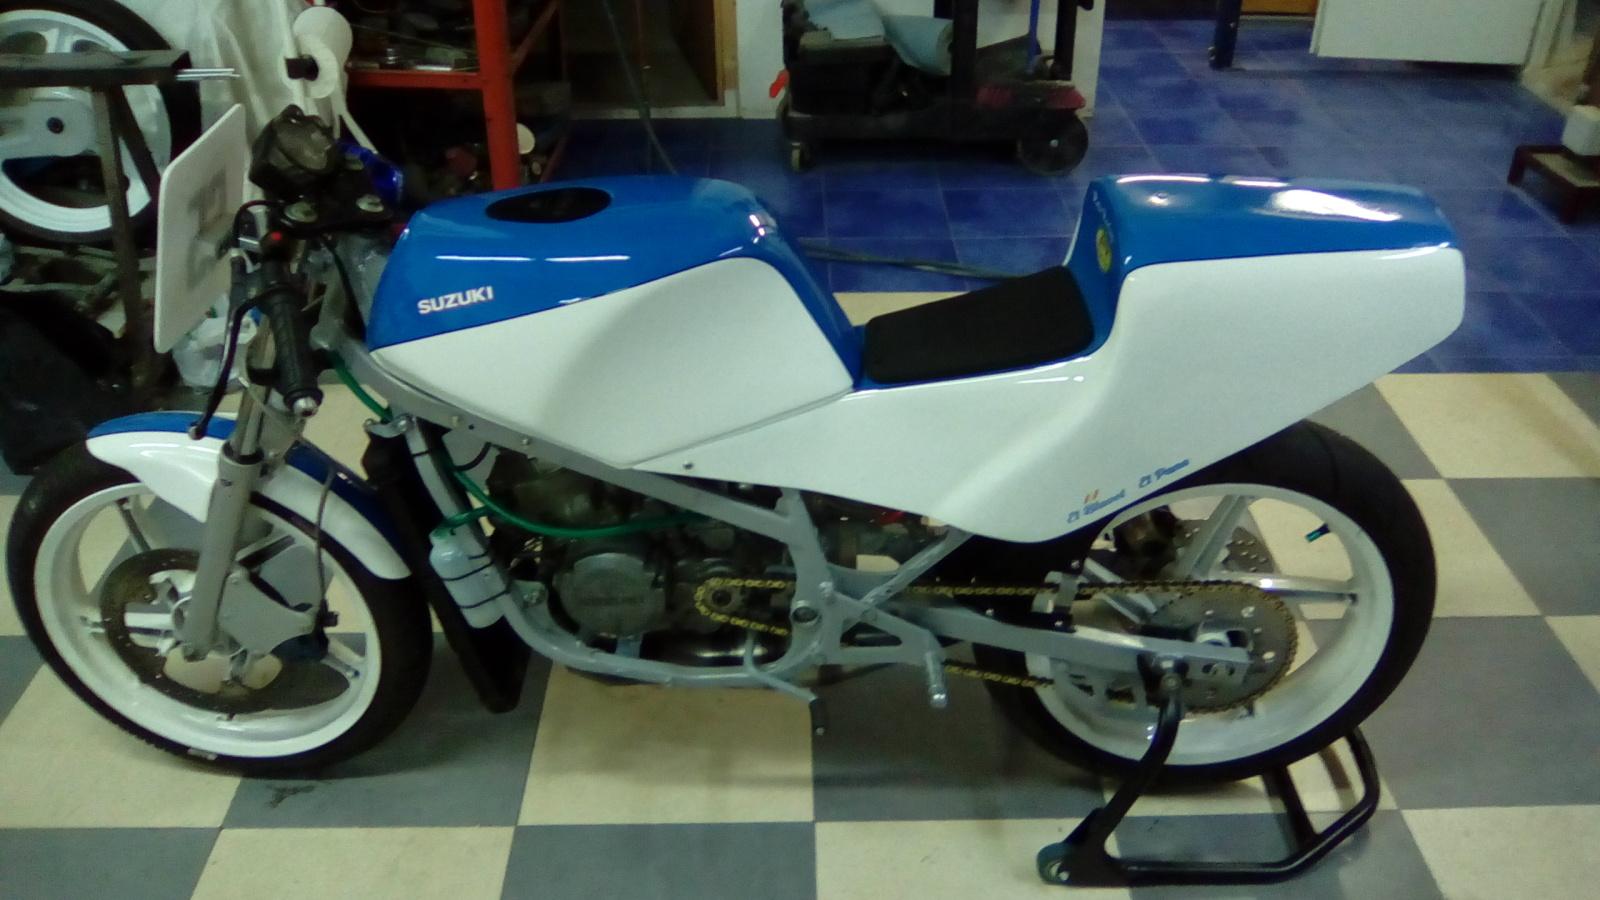 Proyecto Suzuki RG 125 de competición Hwxq1w